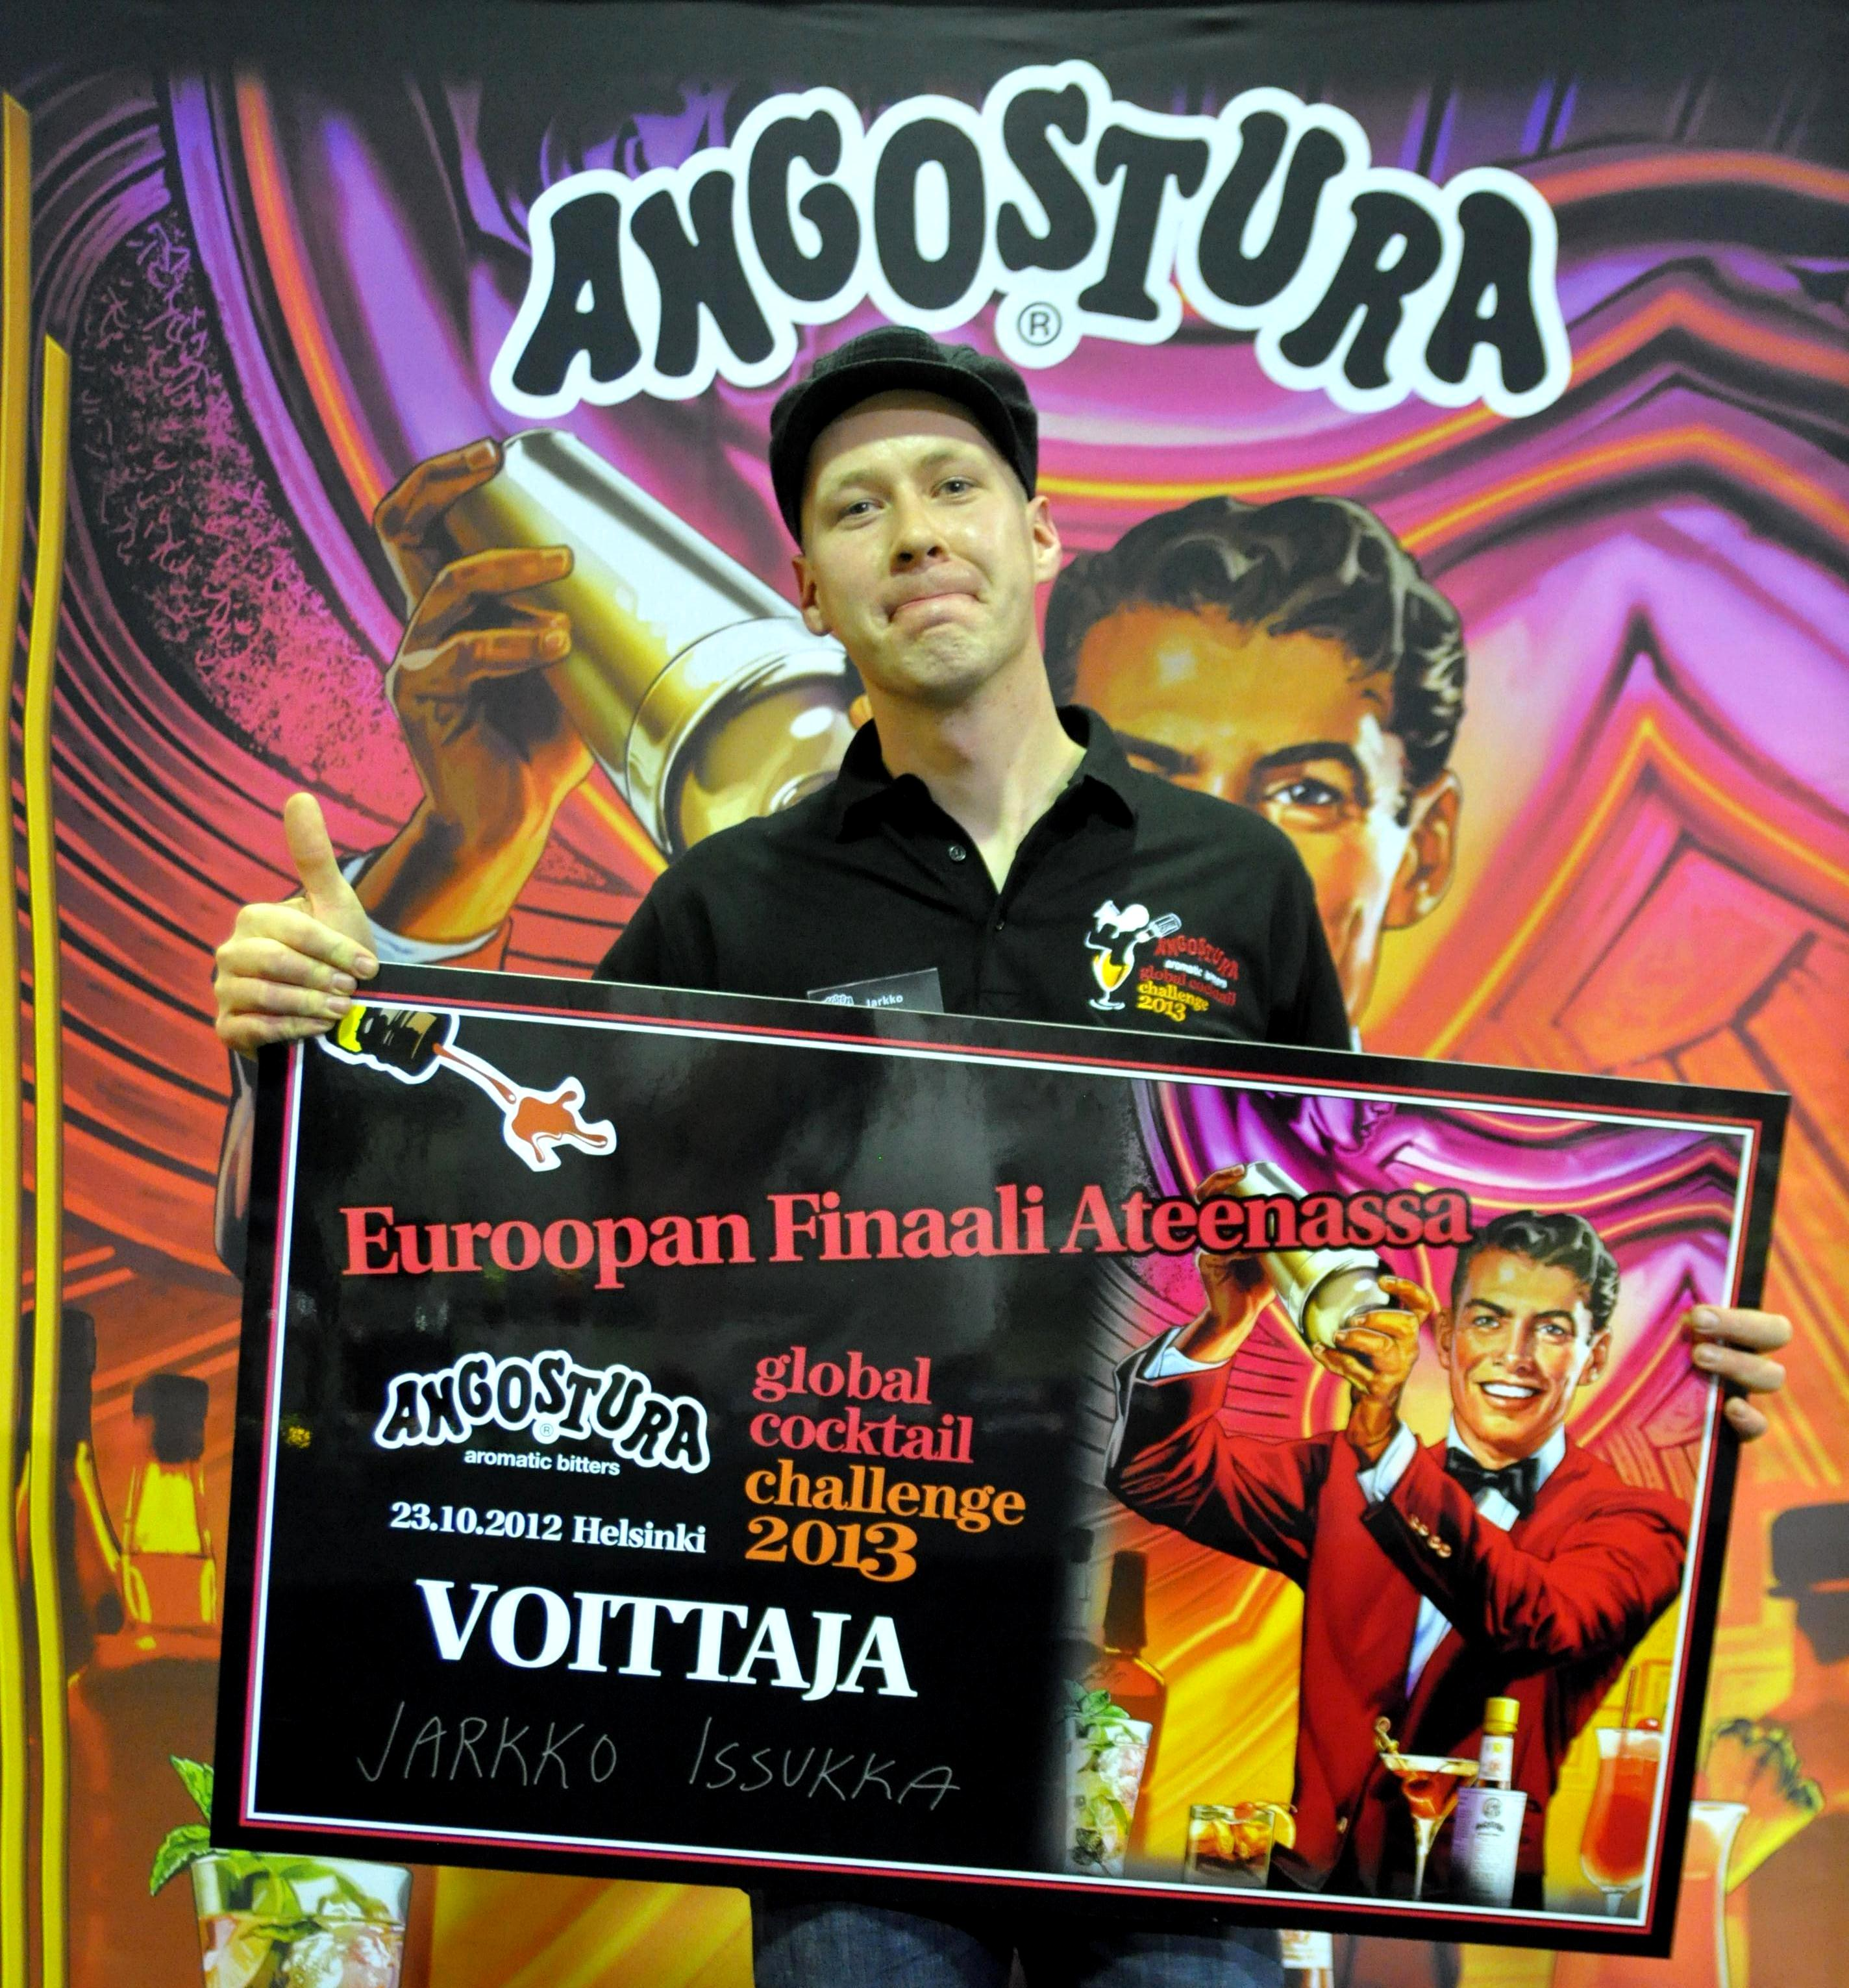 Angostura Aromatic Bitters Global Cocktail Challenge 2013 tuomarin ja kisajärjestäjän silmin